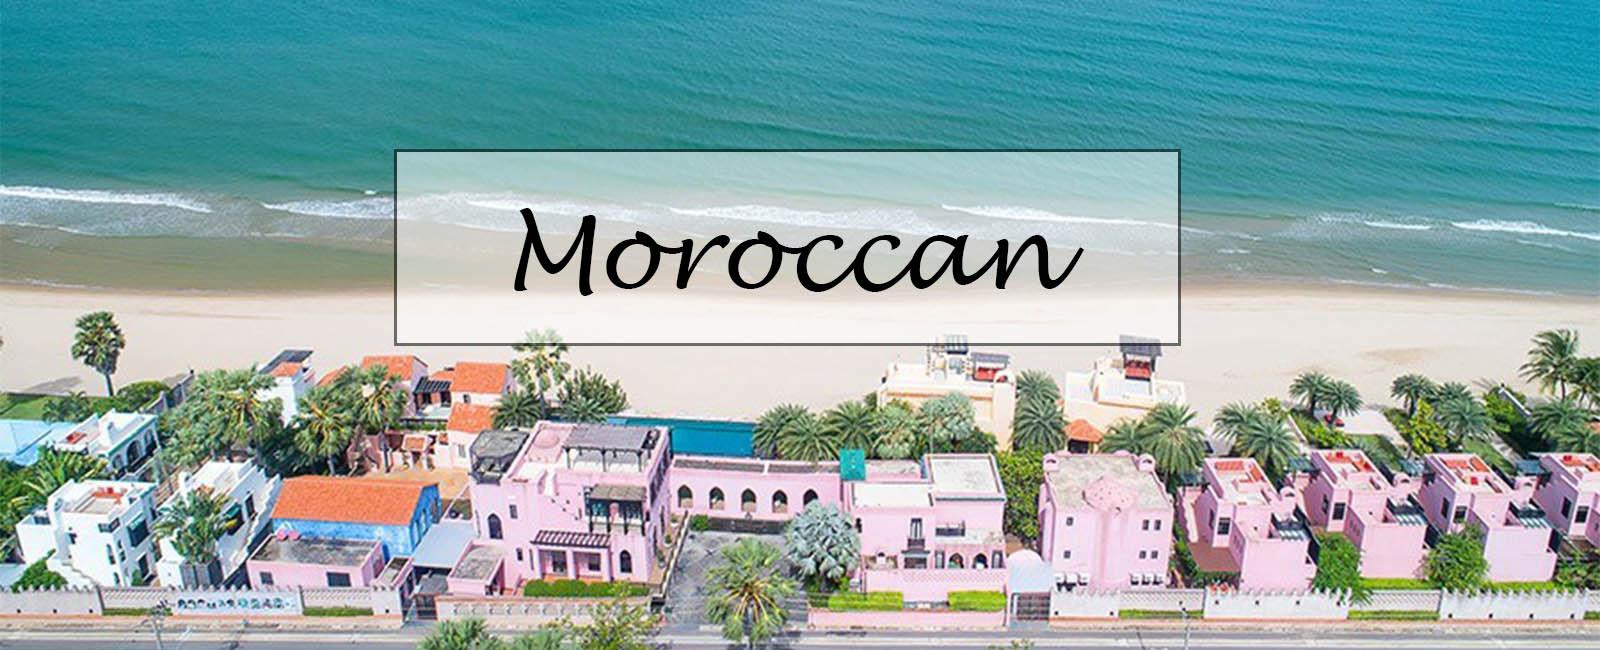 sea-Moroccan